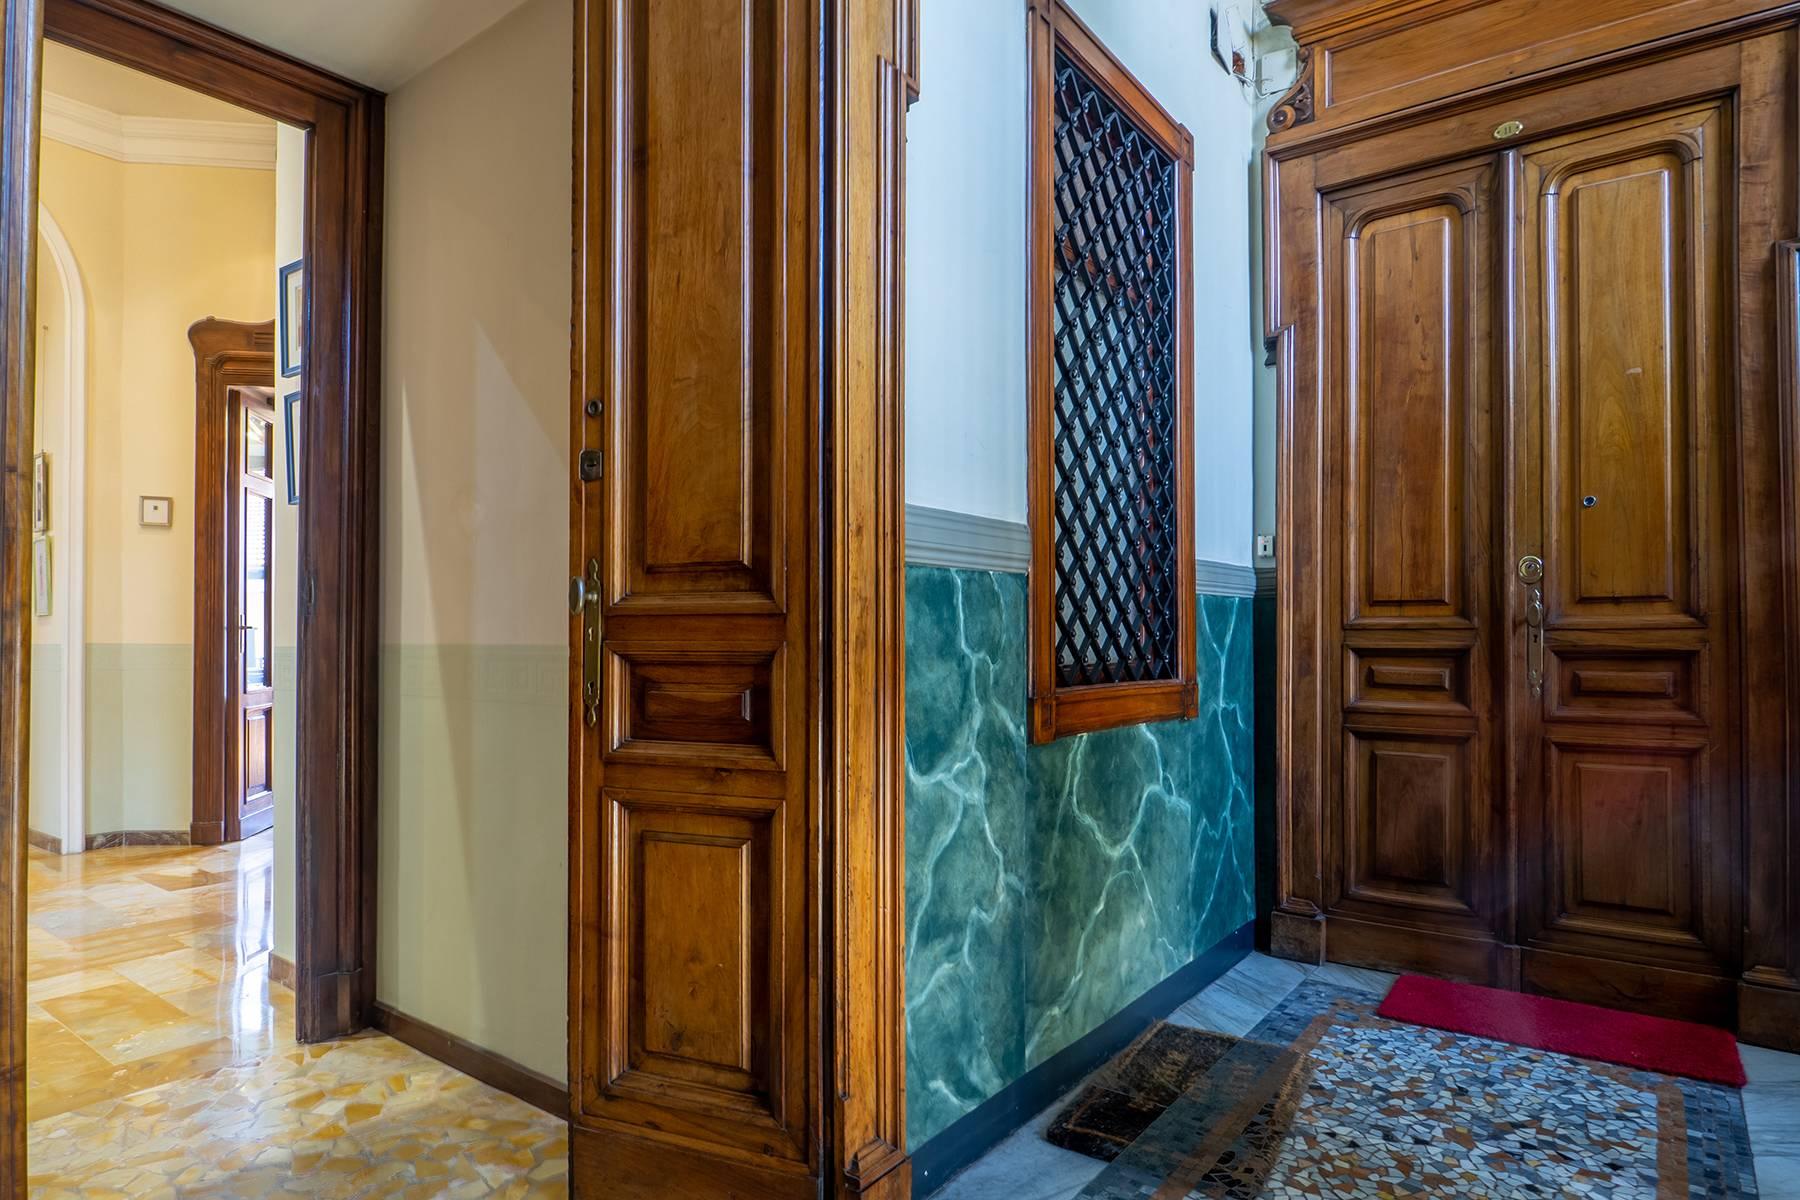 Appartamento in Vendita a Torino: 4 locali, 151 mq - Foto 15